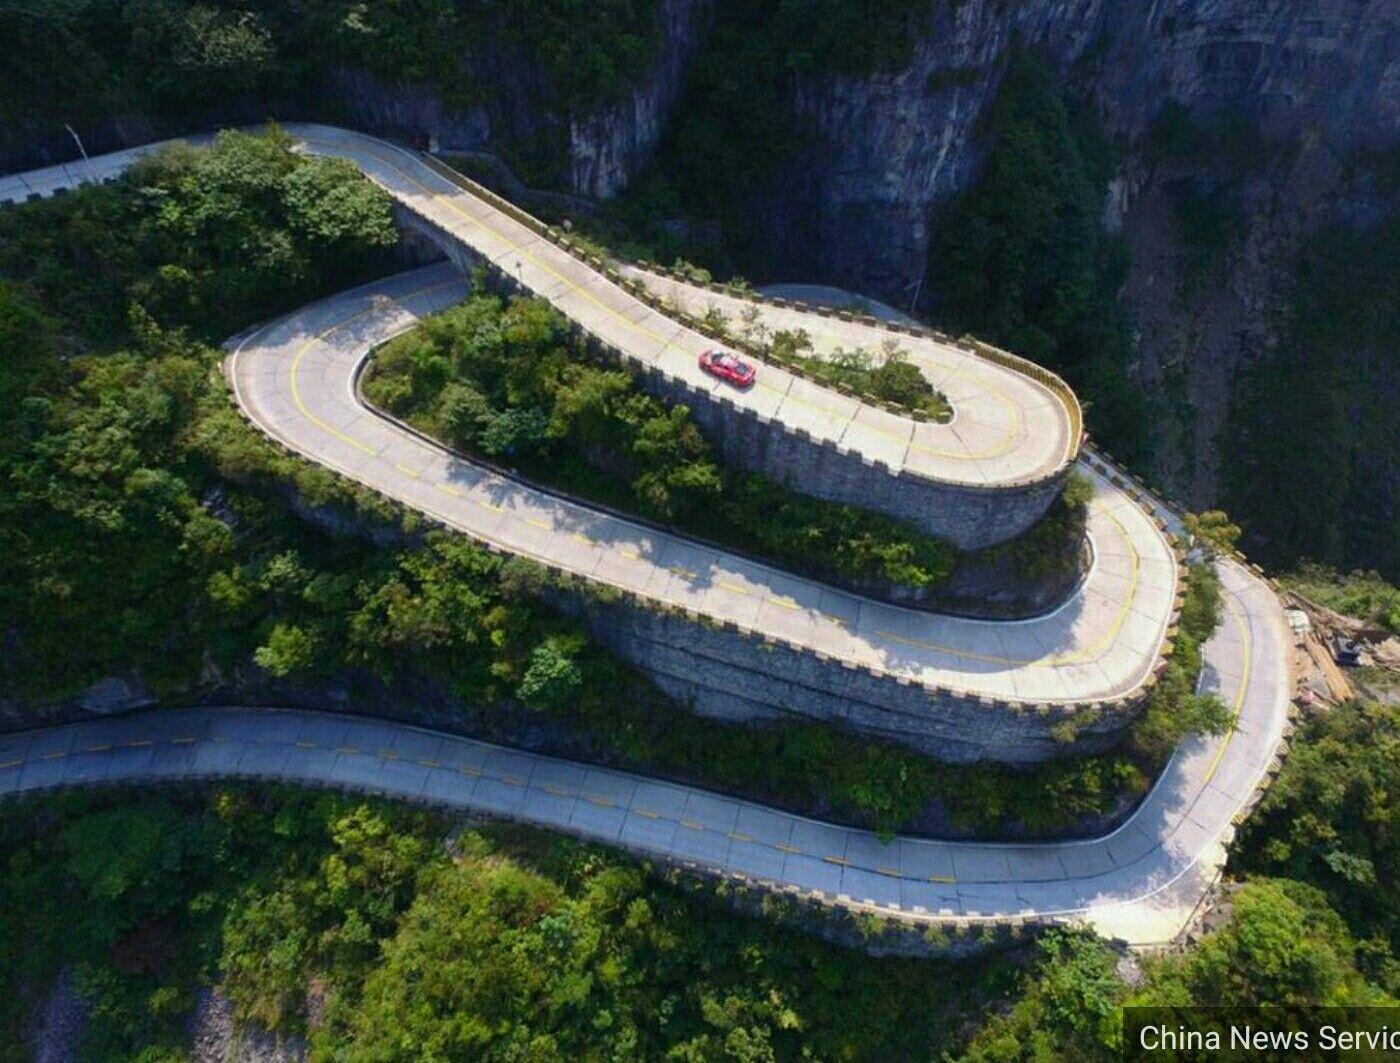 Daredevil Road in China